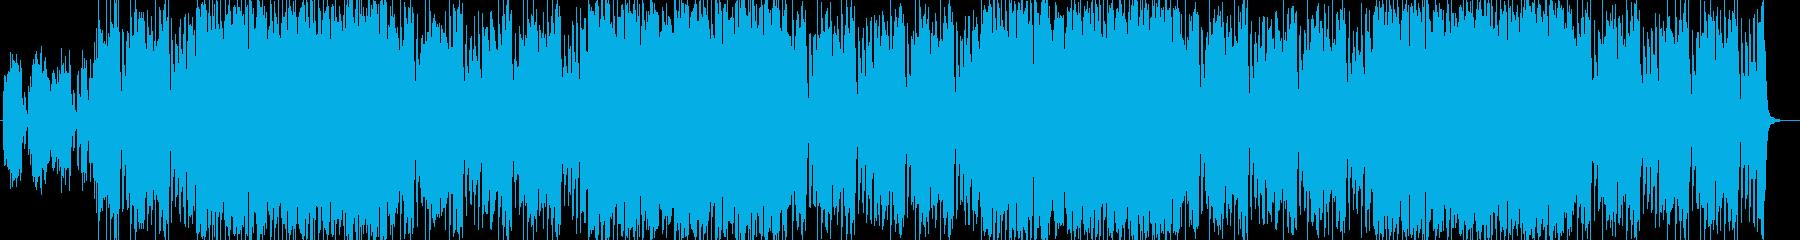 ハロウィン・ダーク・城・ミステリアスの再生済みの波形